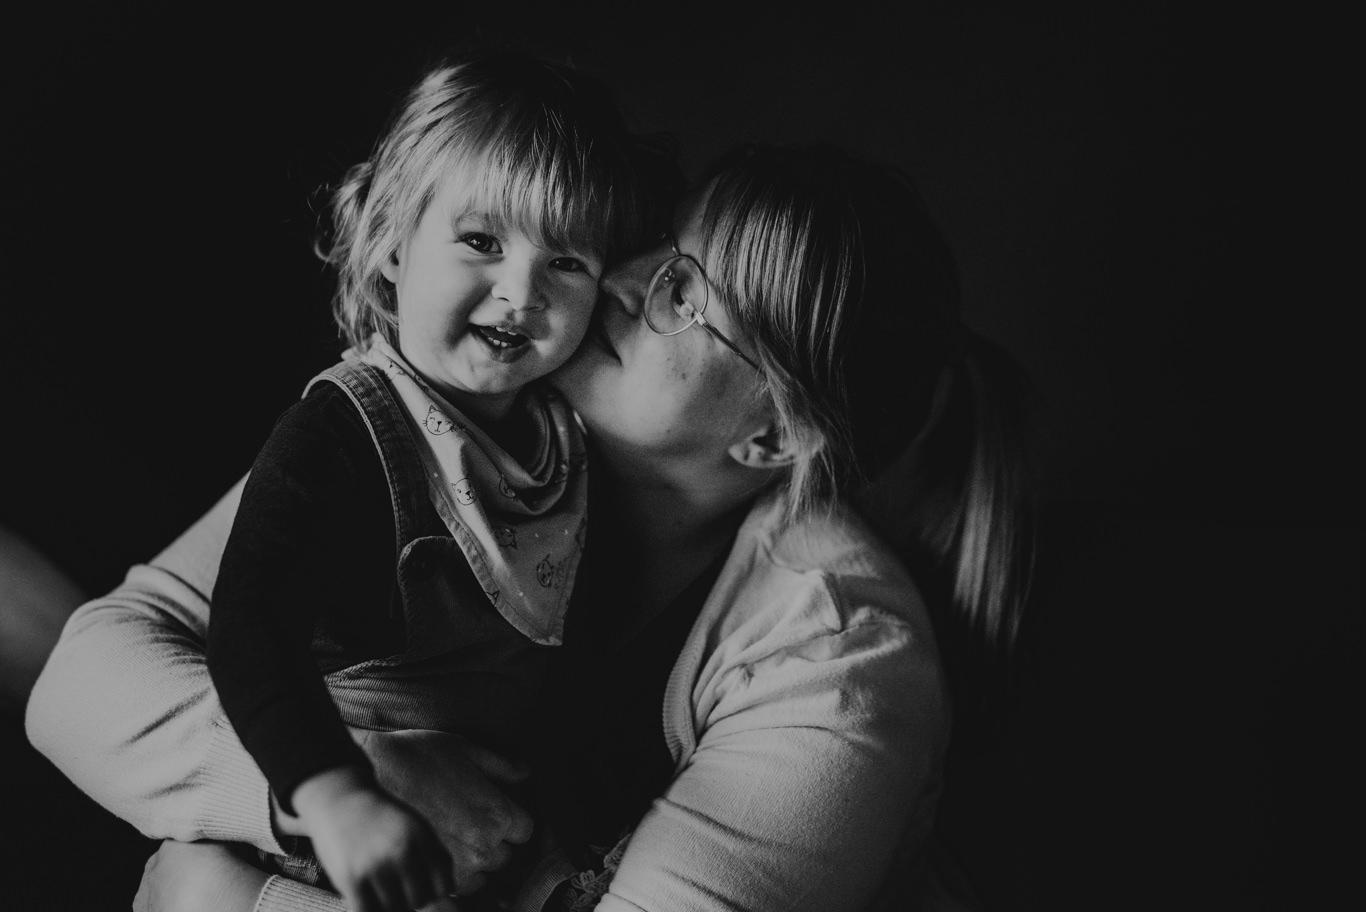 Familienfotograf Familien Fotos Mannheim Feudenheim Neckarstadt Heidelberg natürliche Kinderbilder Familienreportage